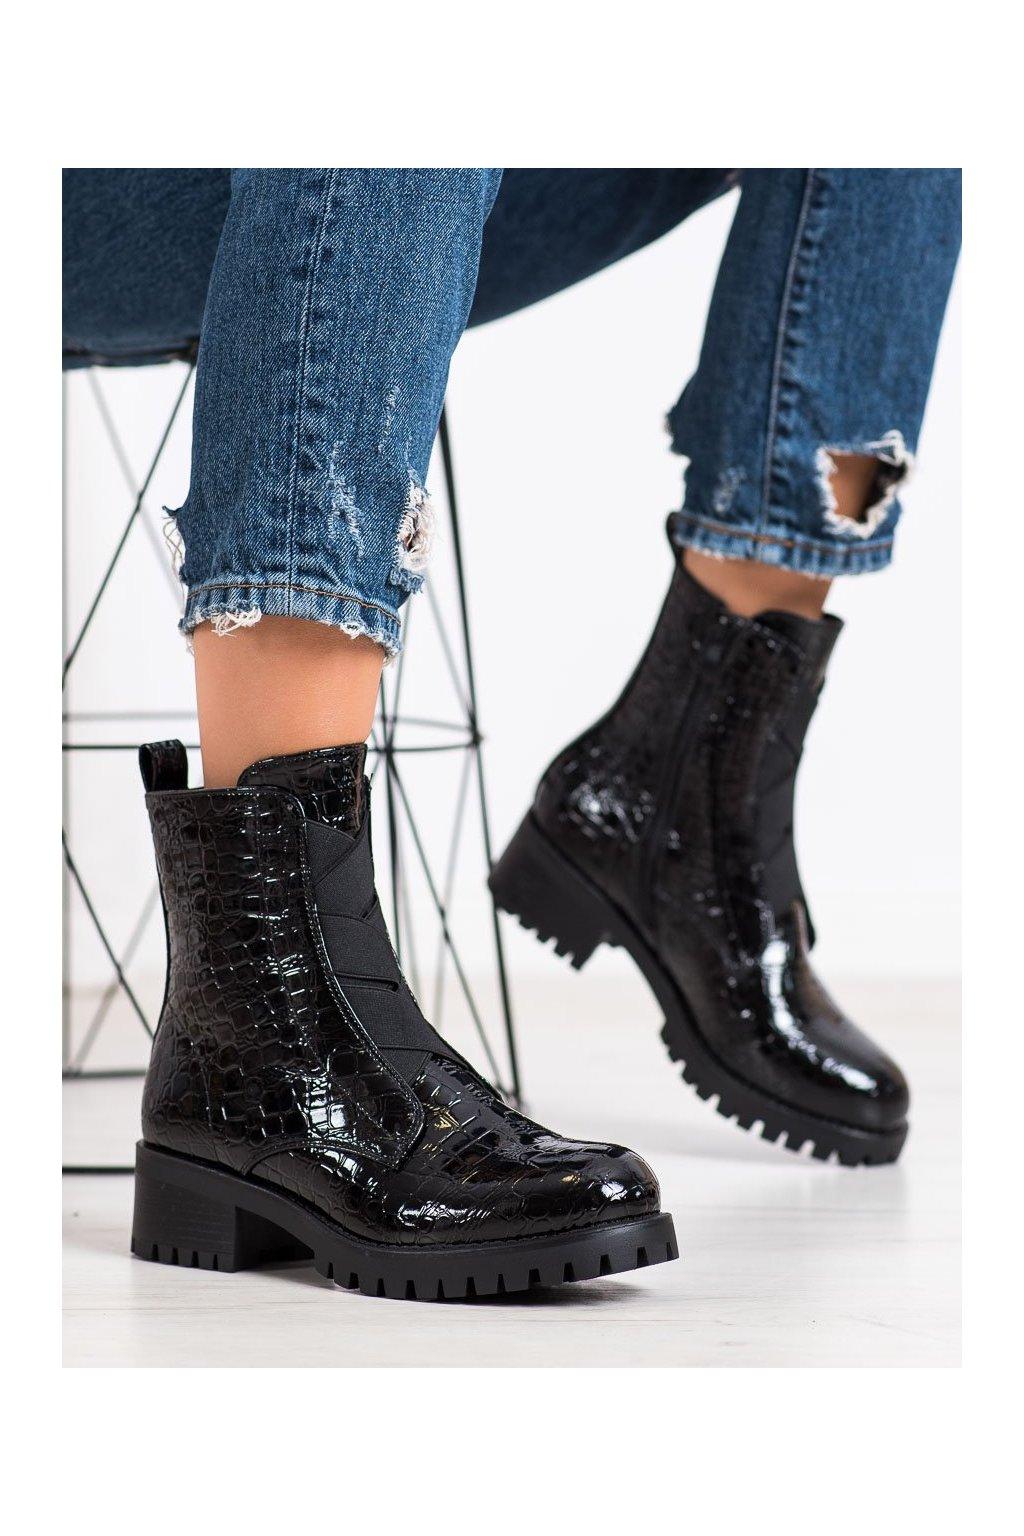 Čierne dámske topánky Super me kod 0-368B